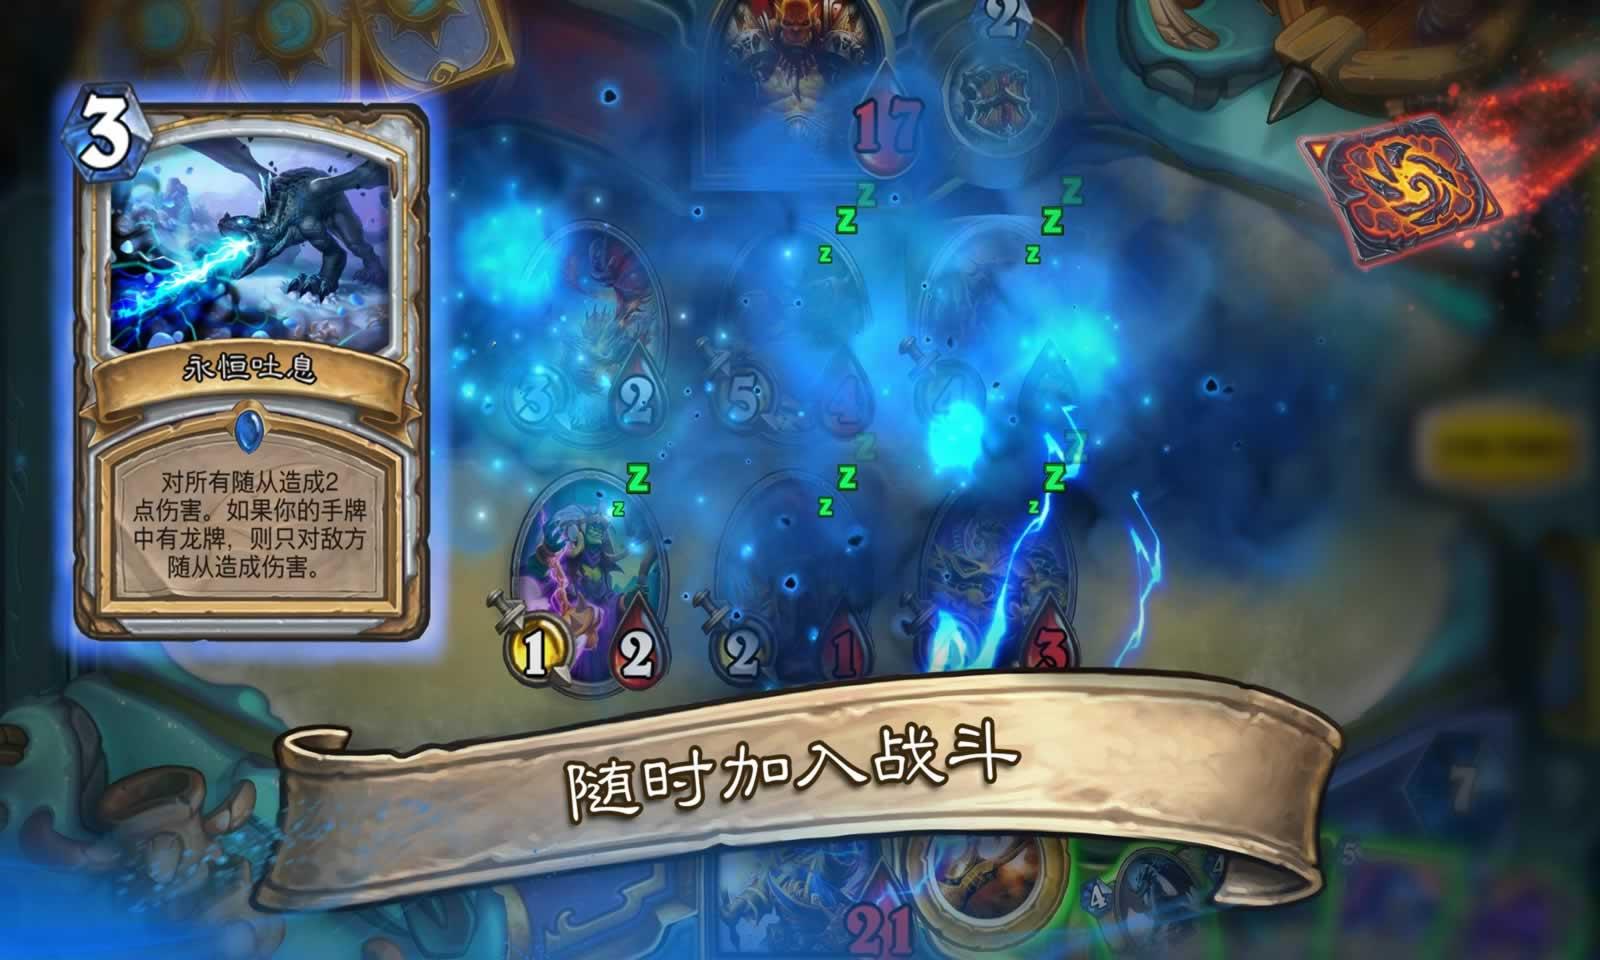 炉石传说破解版卡牌全解锁版游戏截图